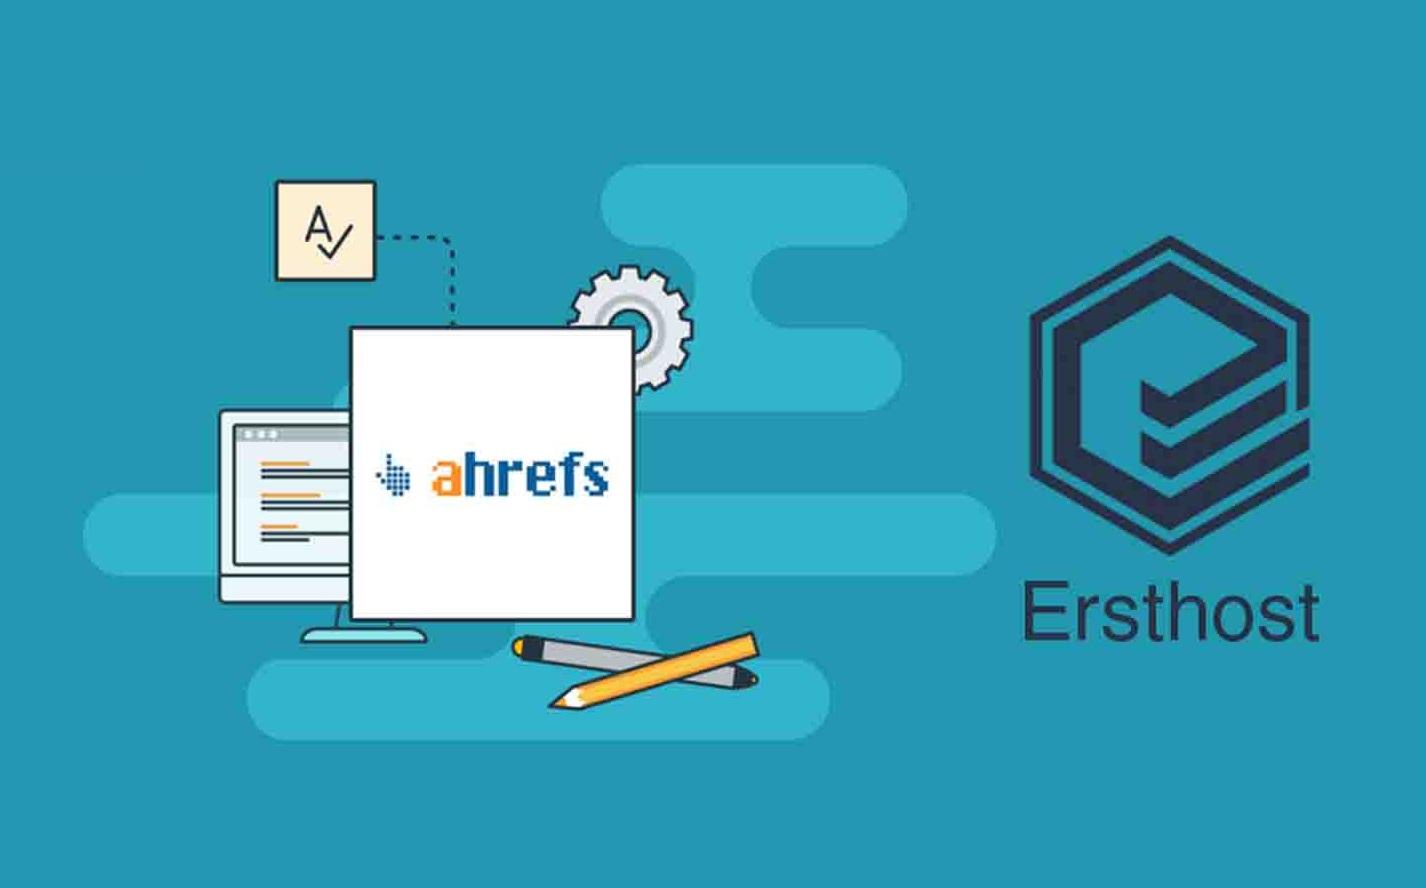 ahrefs-info